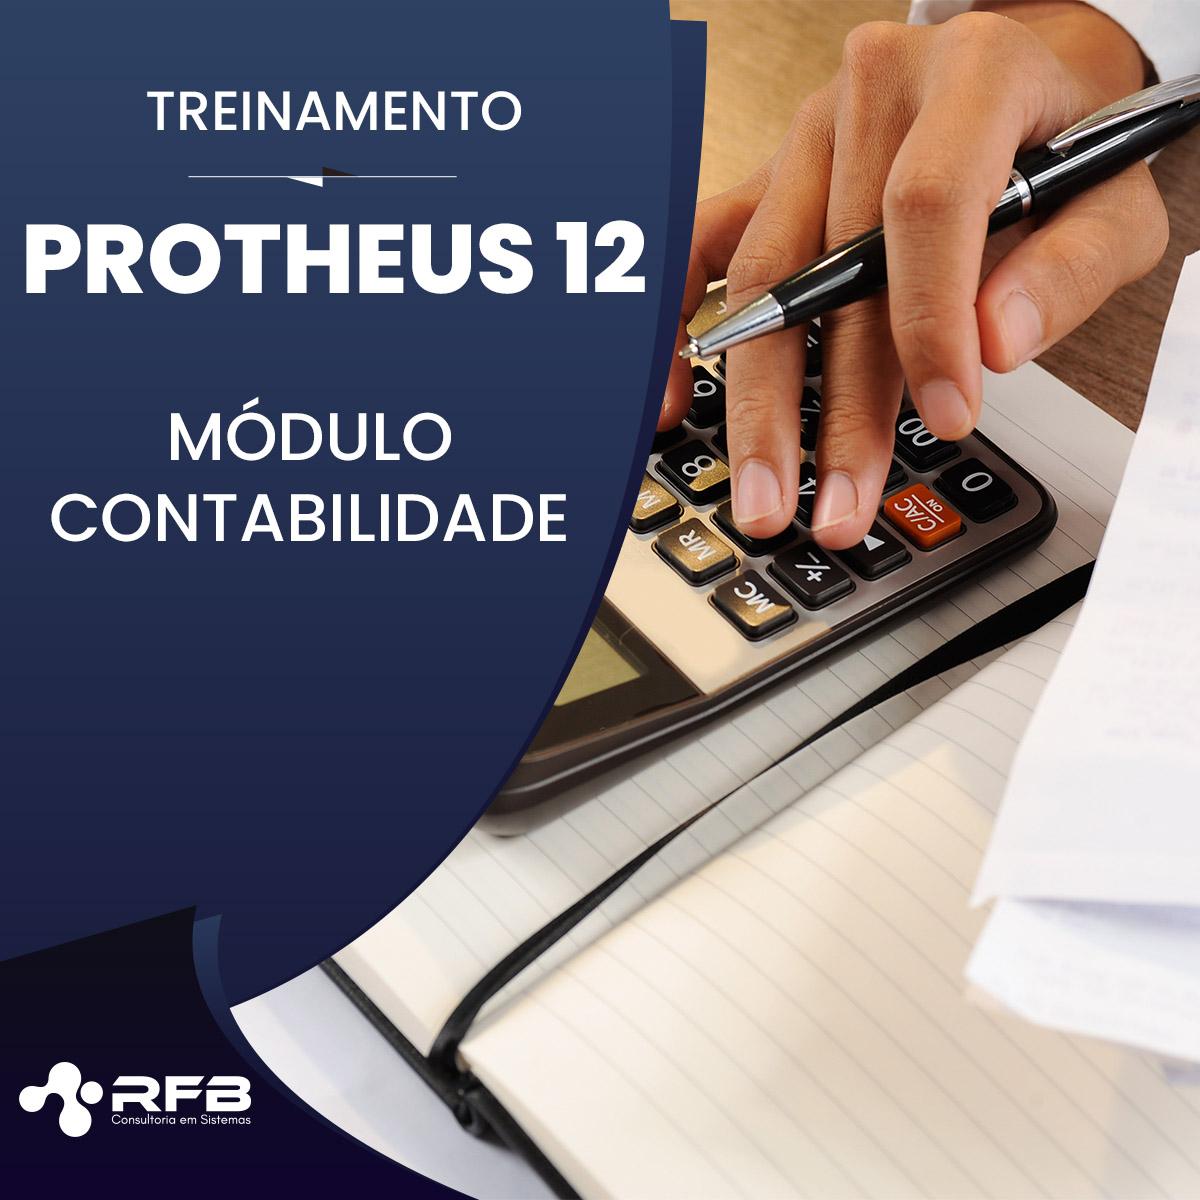 Treinamento Totvs Protheus 12 – Novo Módulo Contabilidade